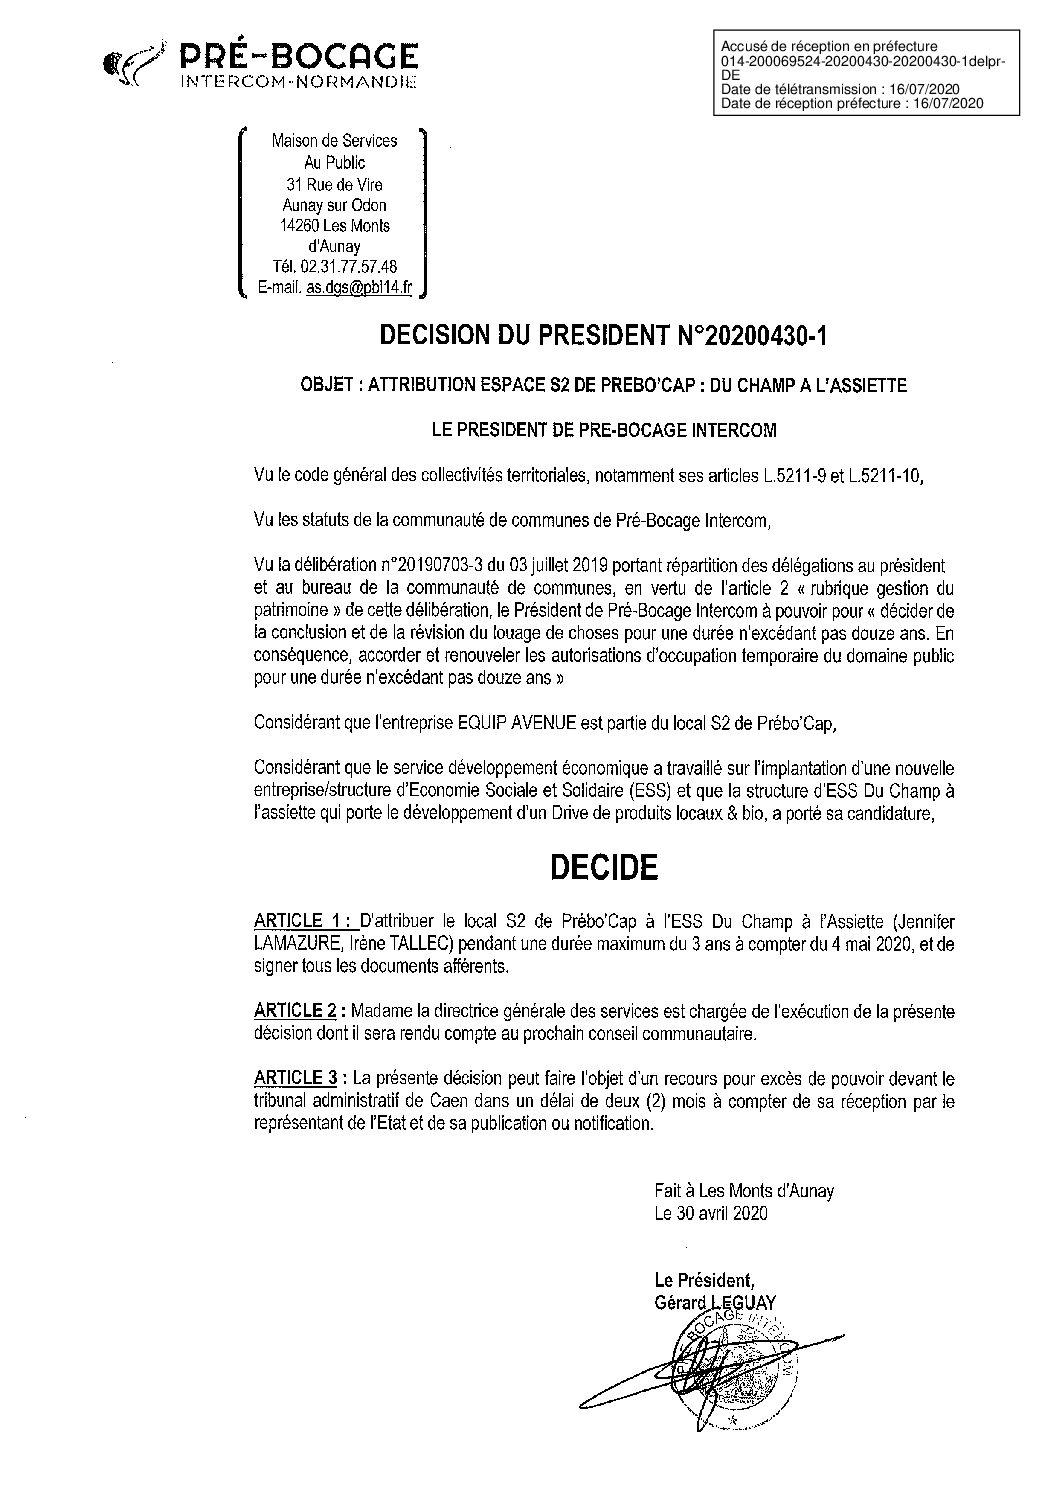 Décision déléguée du 30 avril 2020